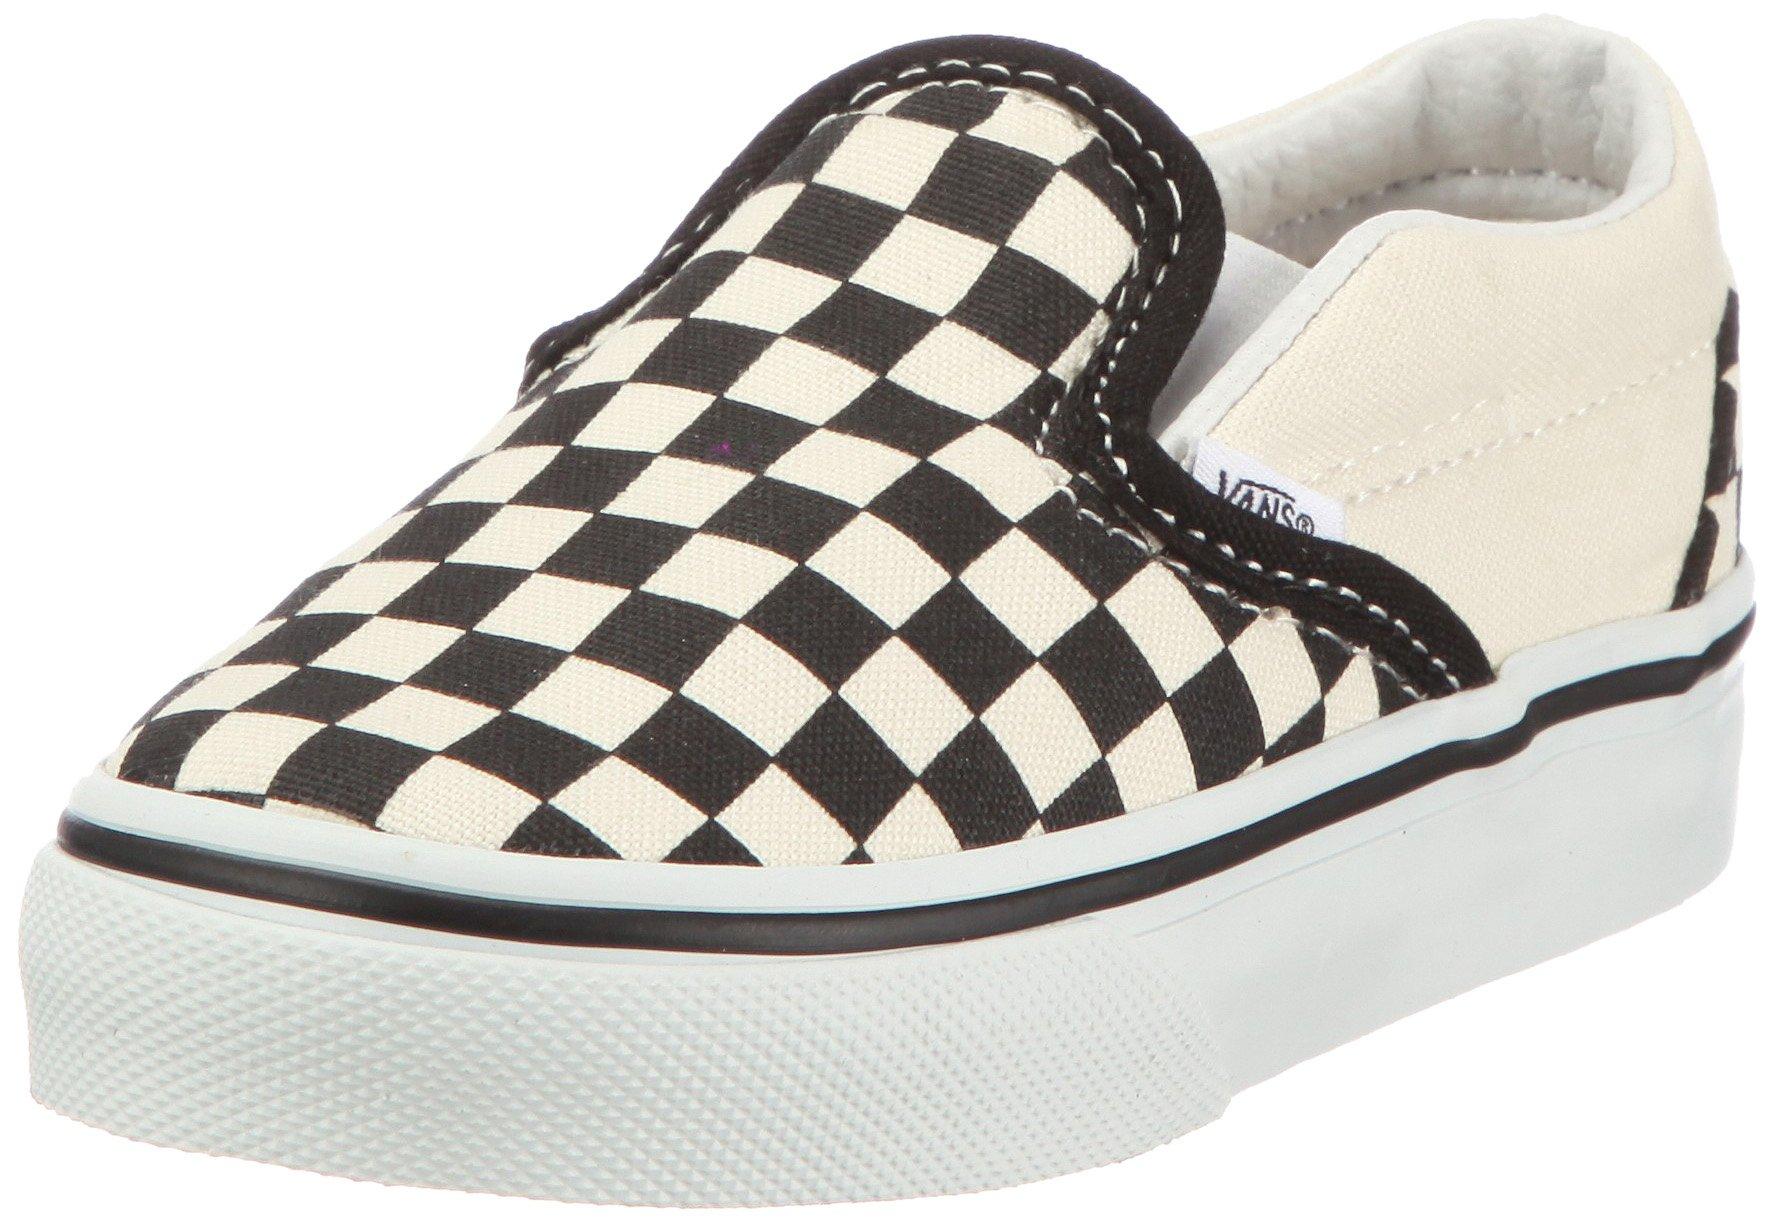 Vans Kids' Classic Slip-ON-K, Black Checkerboard/White, 4.5 M US Toddler